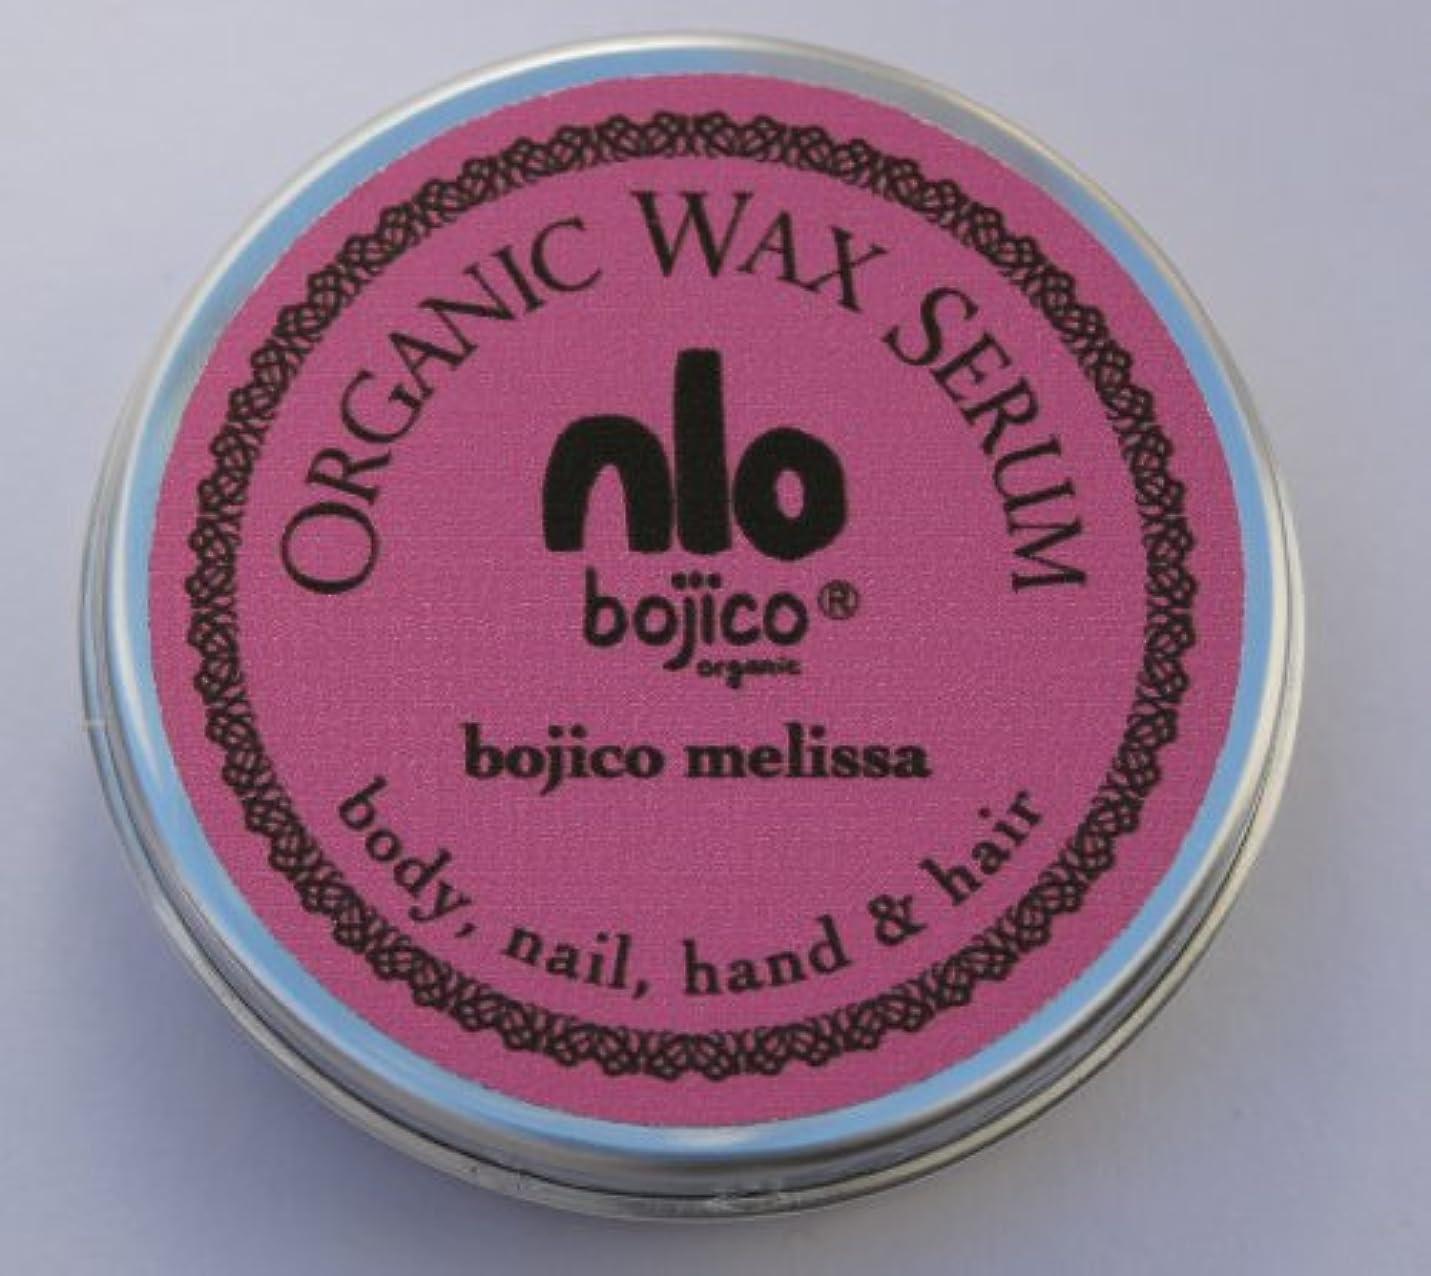 不利益ストライプ平和なbojico オーガニック ワックス セラム<メリッサ> Organic Wax Serum 18g